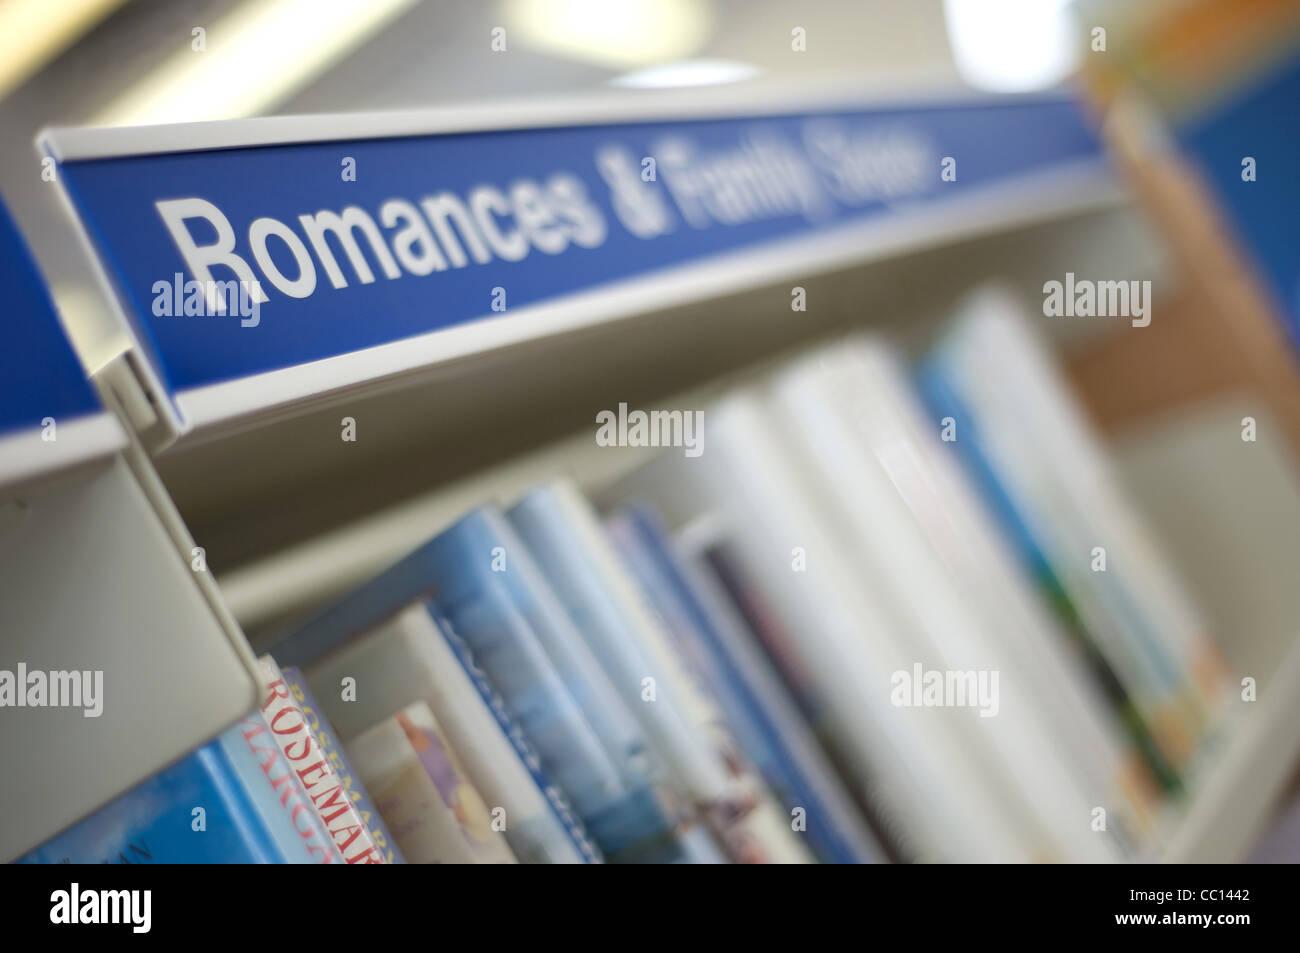 L'affichage de la bibliothèque de sagas familiales Romances Photo Stock